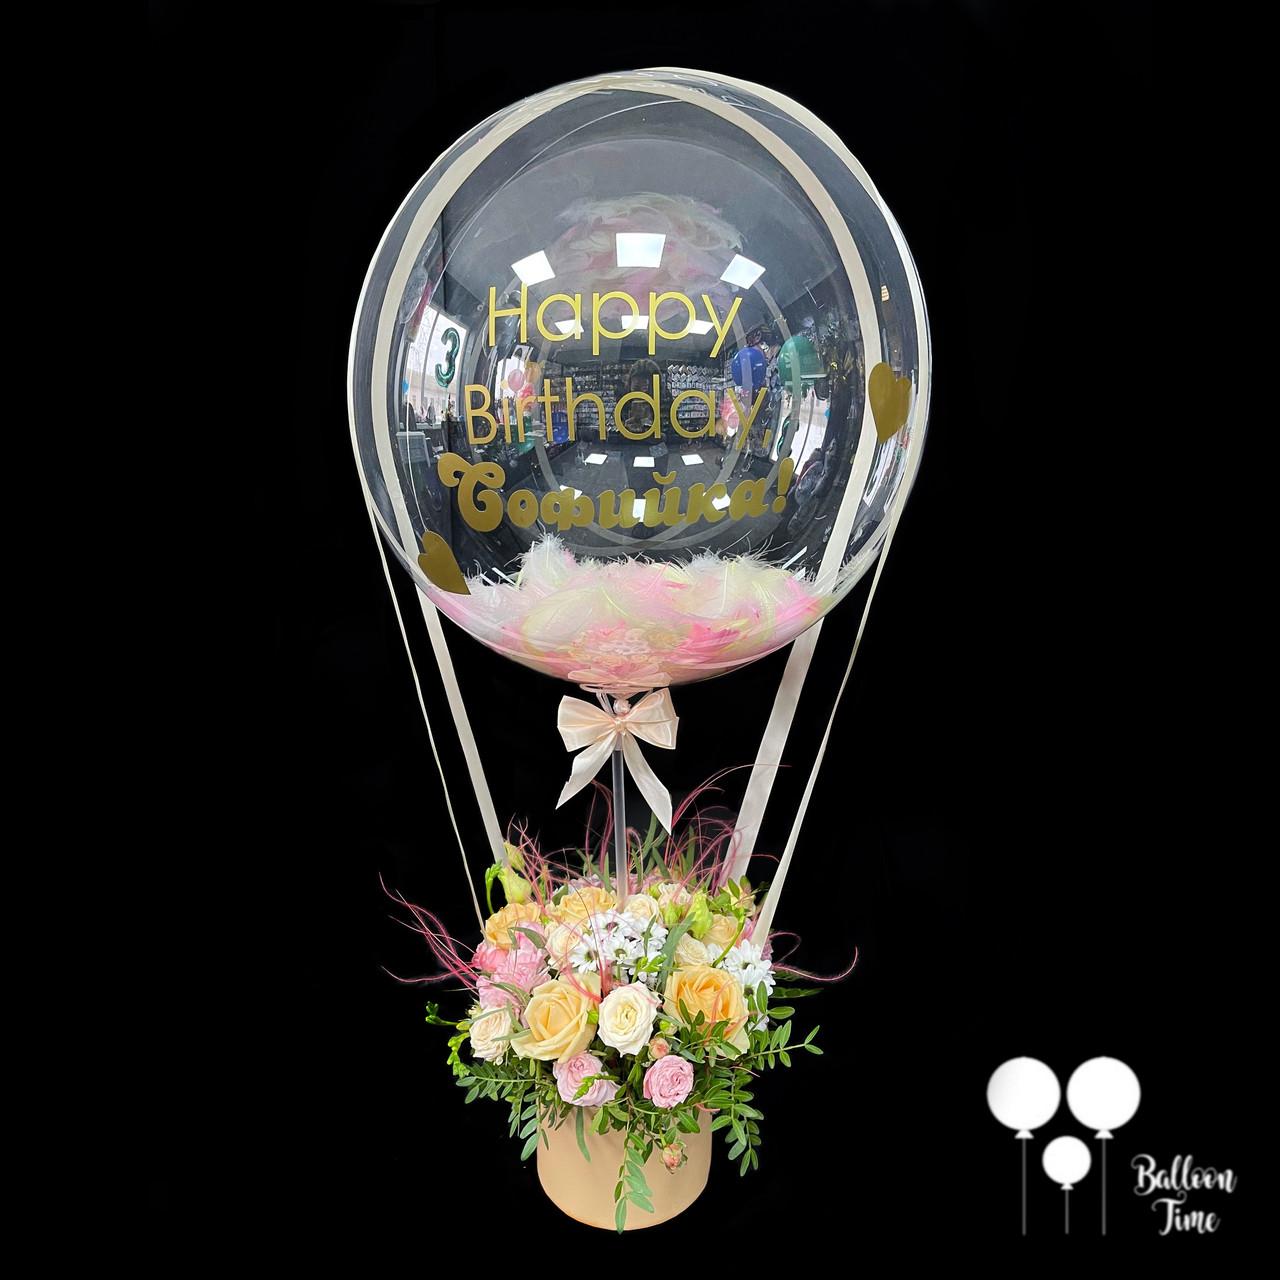 Шар Баблс с перьями и индивидуальной надписью + коробочка с цветочной композицией